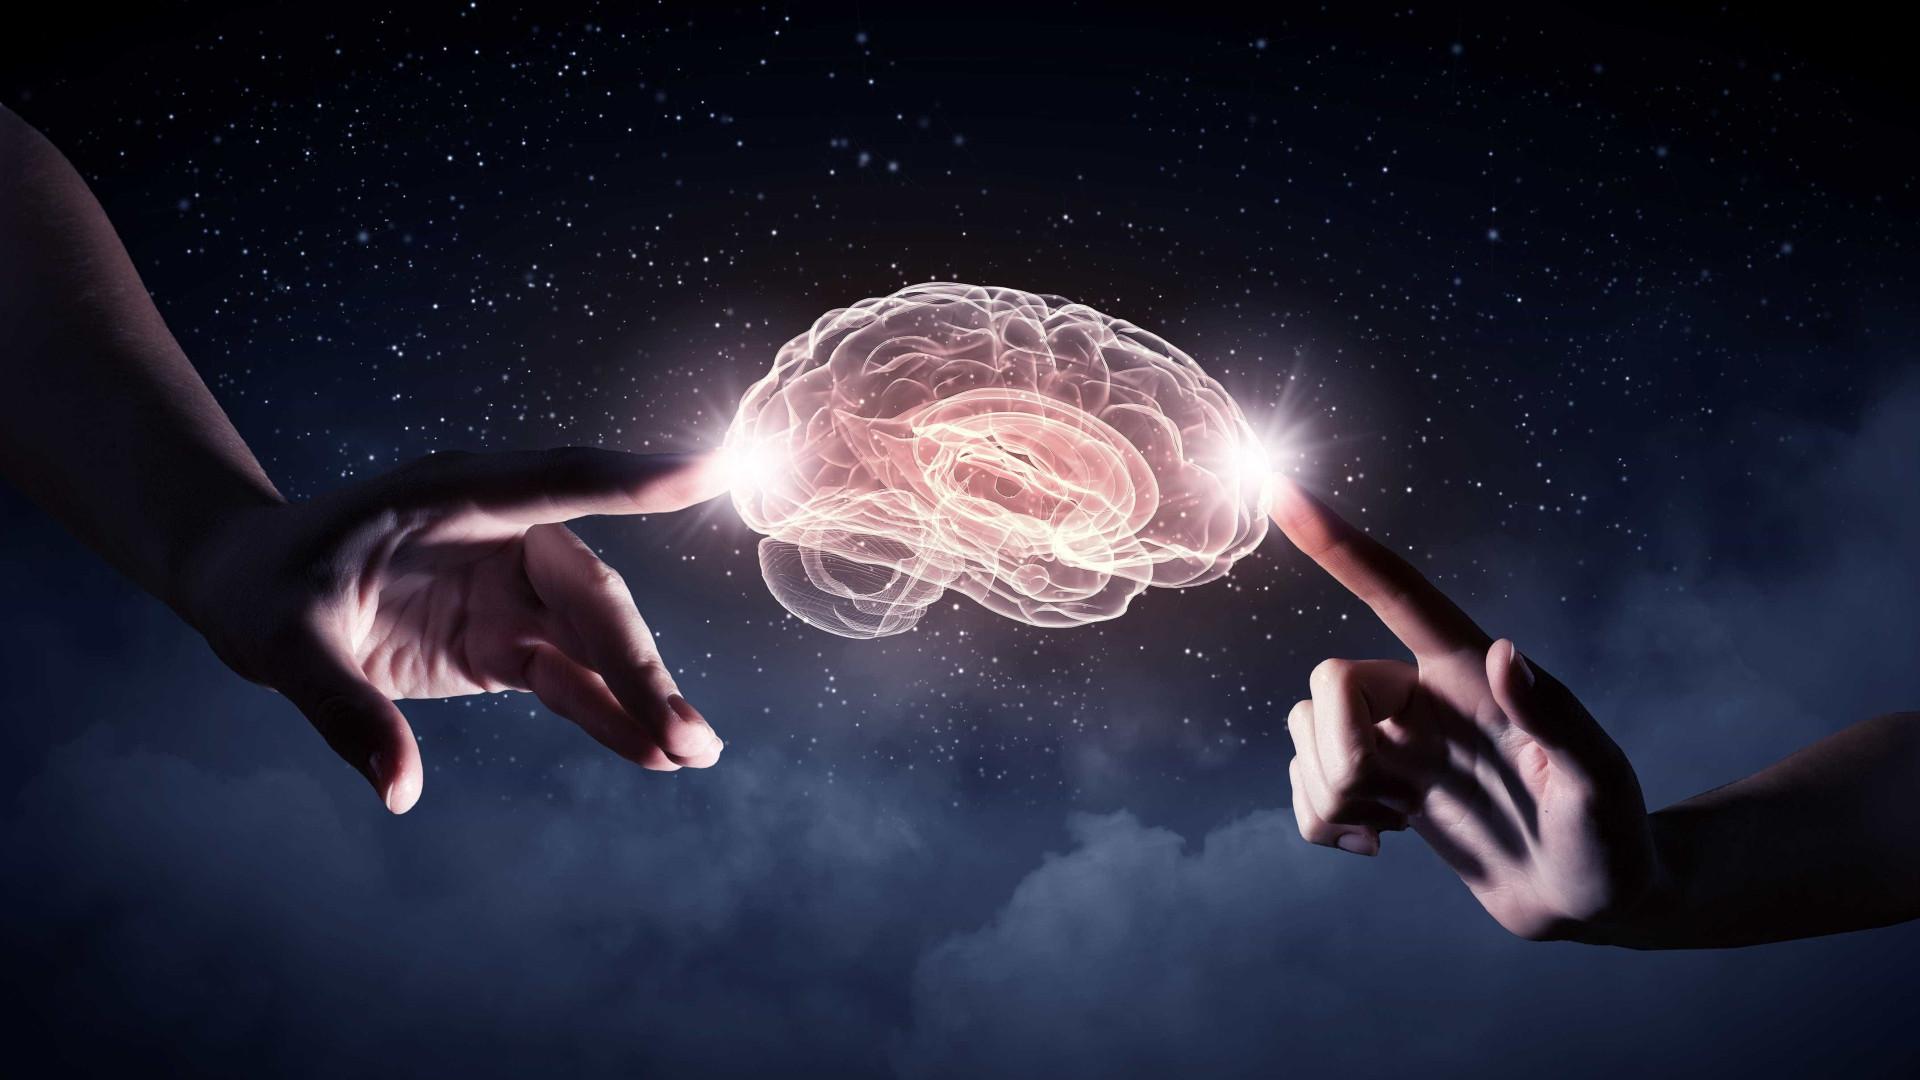 O que vai na sua cabeça? Factos impressionantes sobre o cérebro